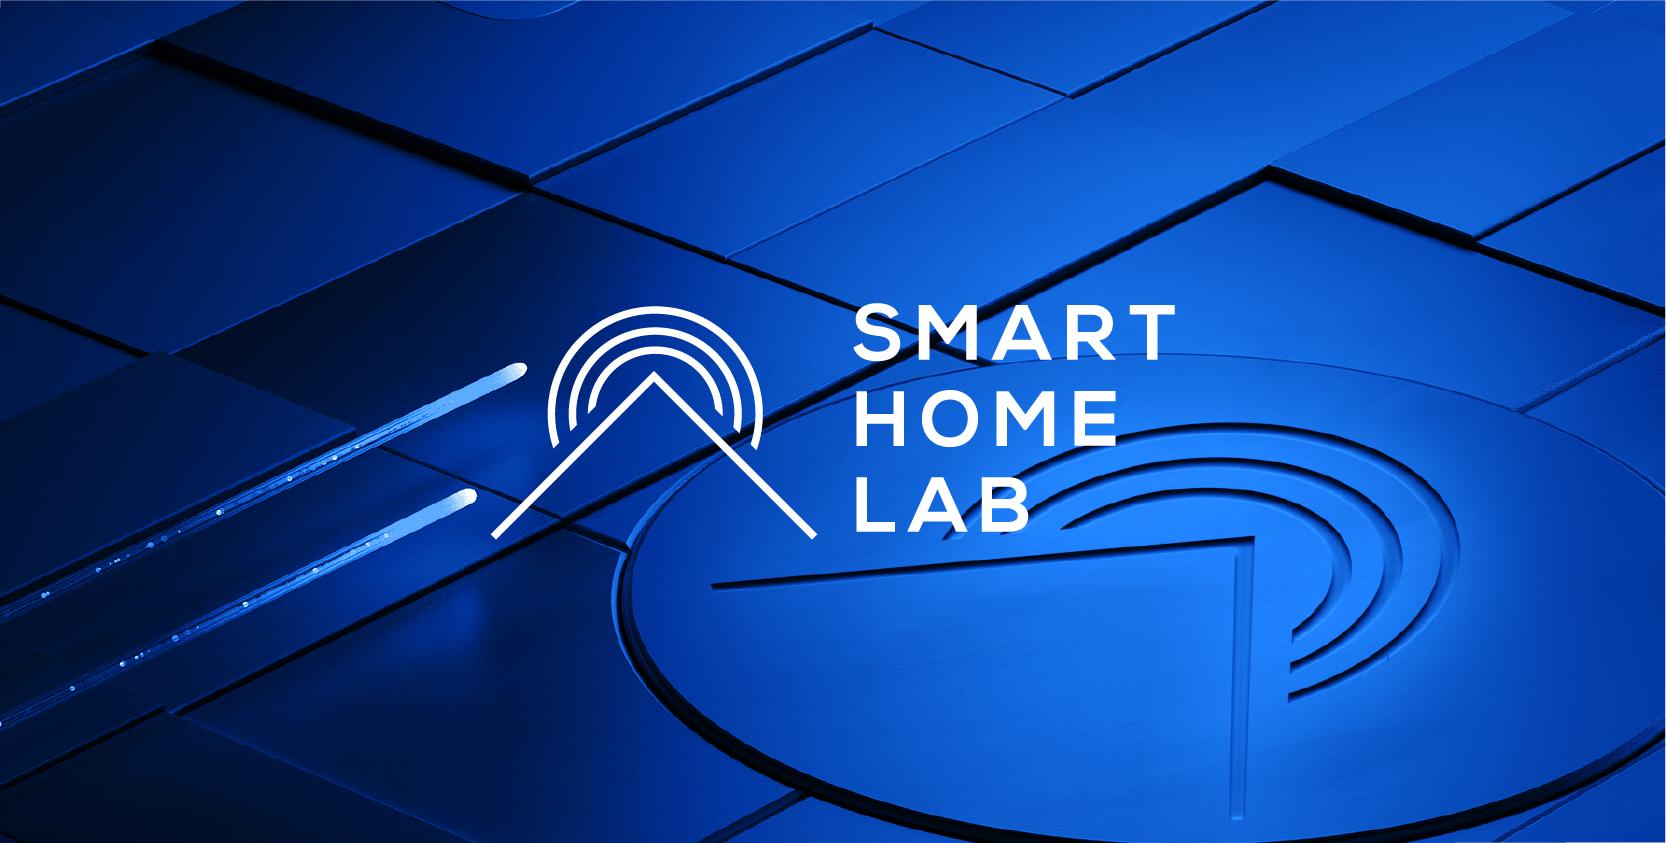 Hapet Smart Home Lab - punëtoria për nxënës dhe studentë të Kosovës